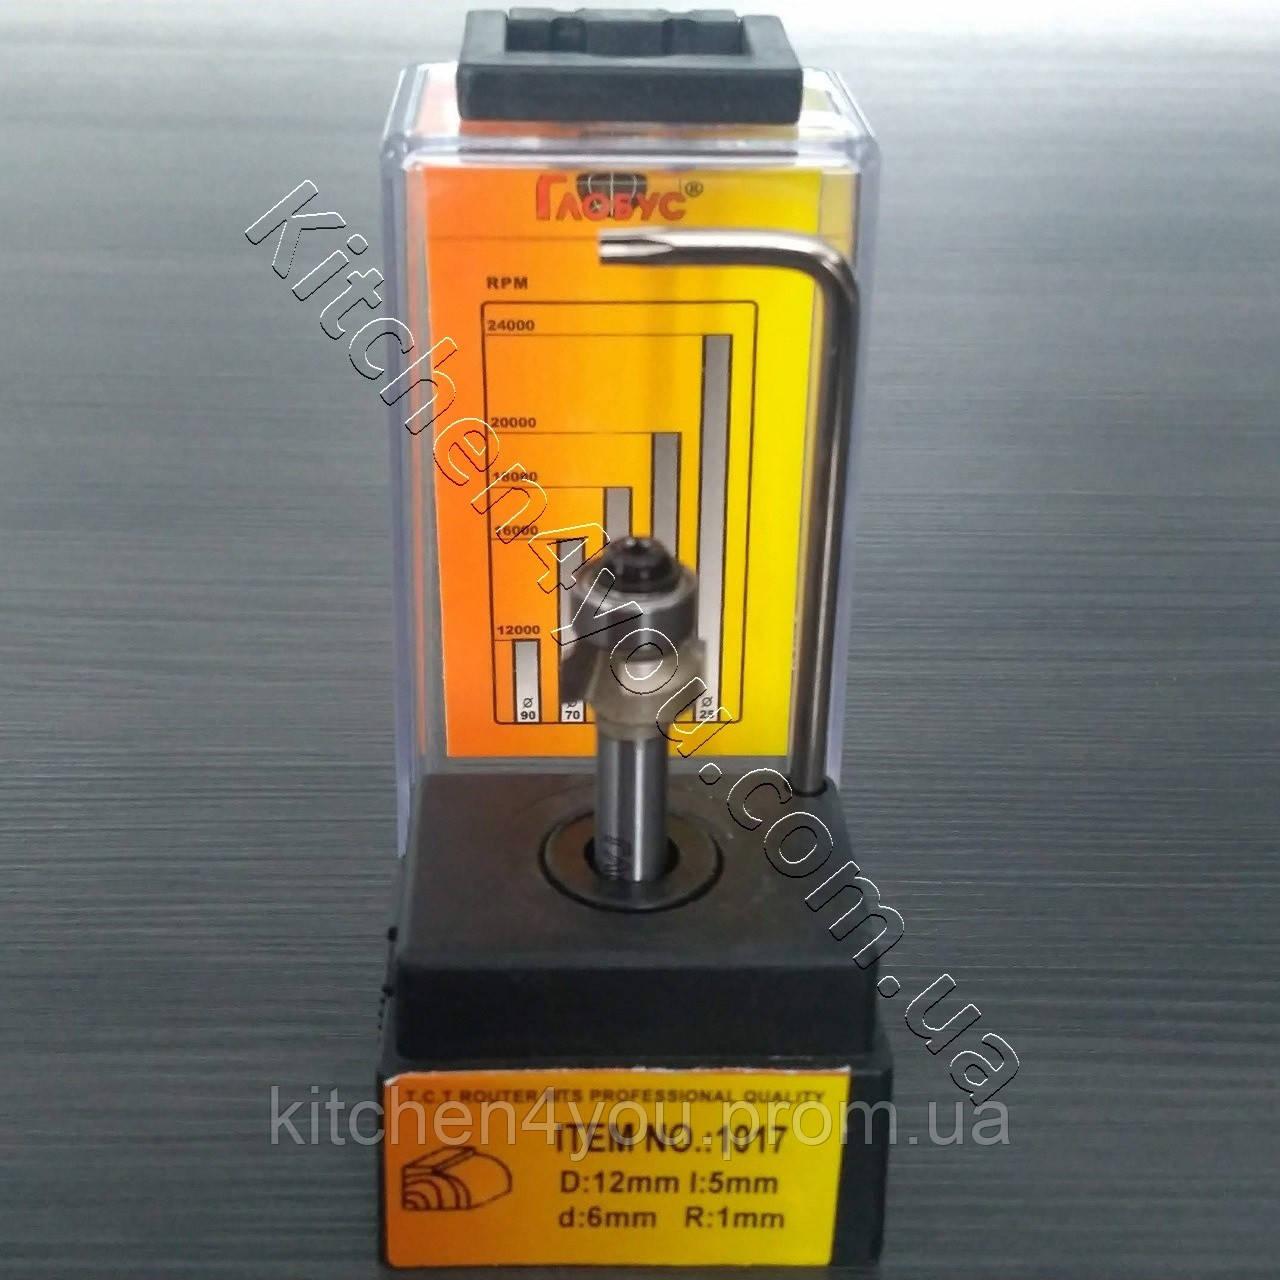 Фреза R1, d6 для обрізання кромки ПВХ і АБС з підшипником